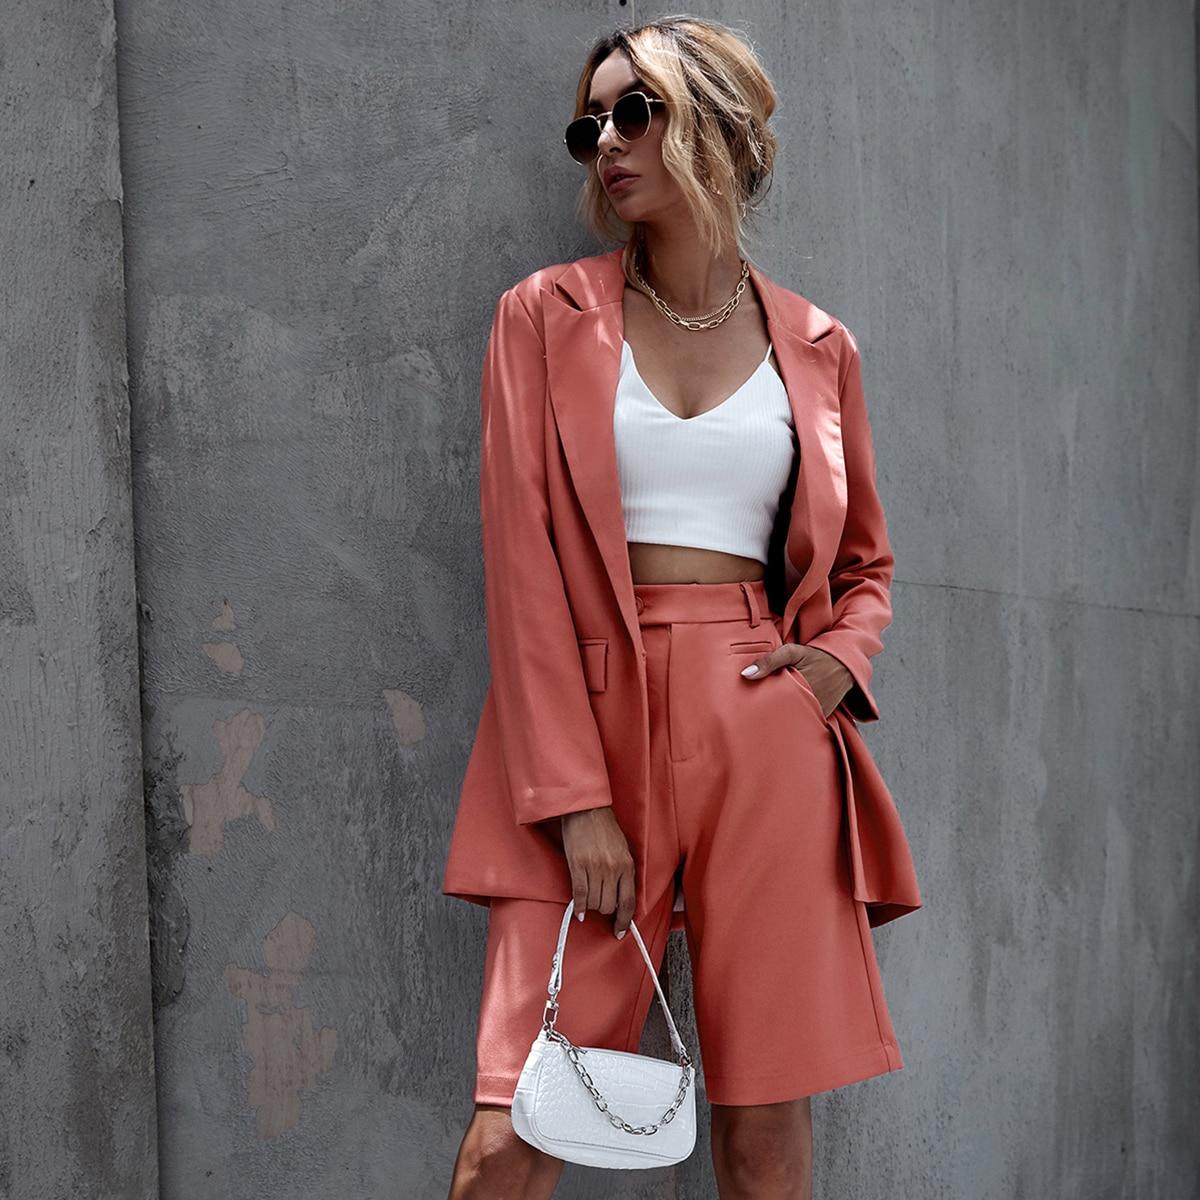 Арбуз Розовый Карман Ровный цвет Элегантный Пиджаки от SHEIN